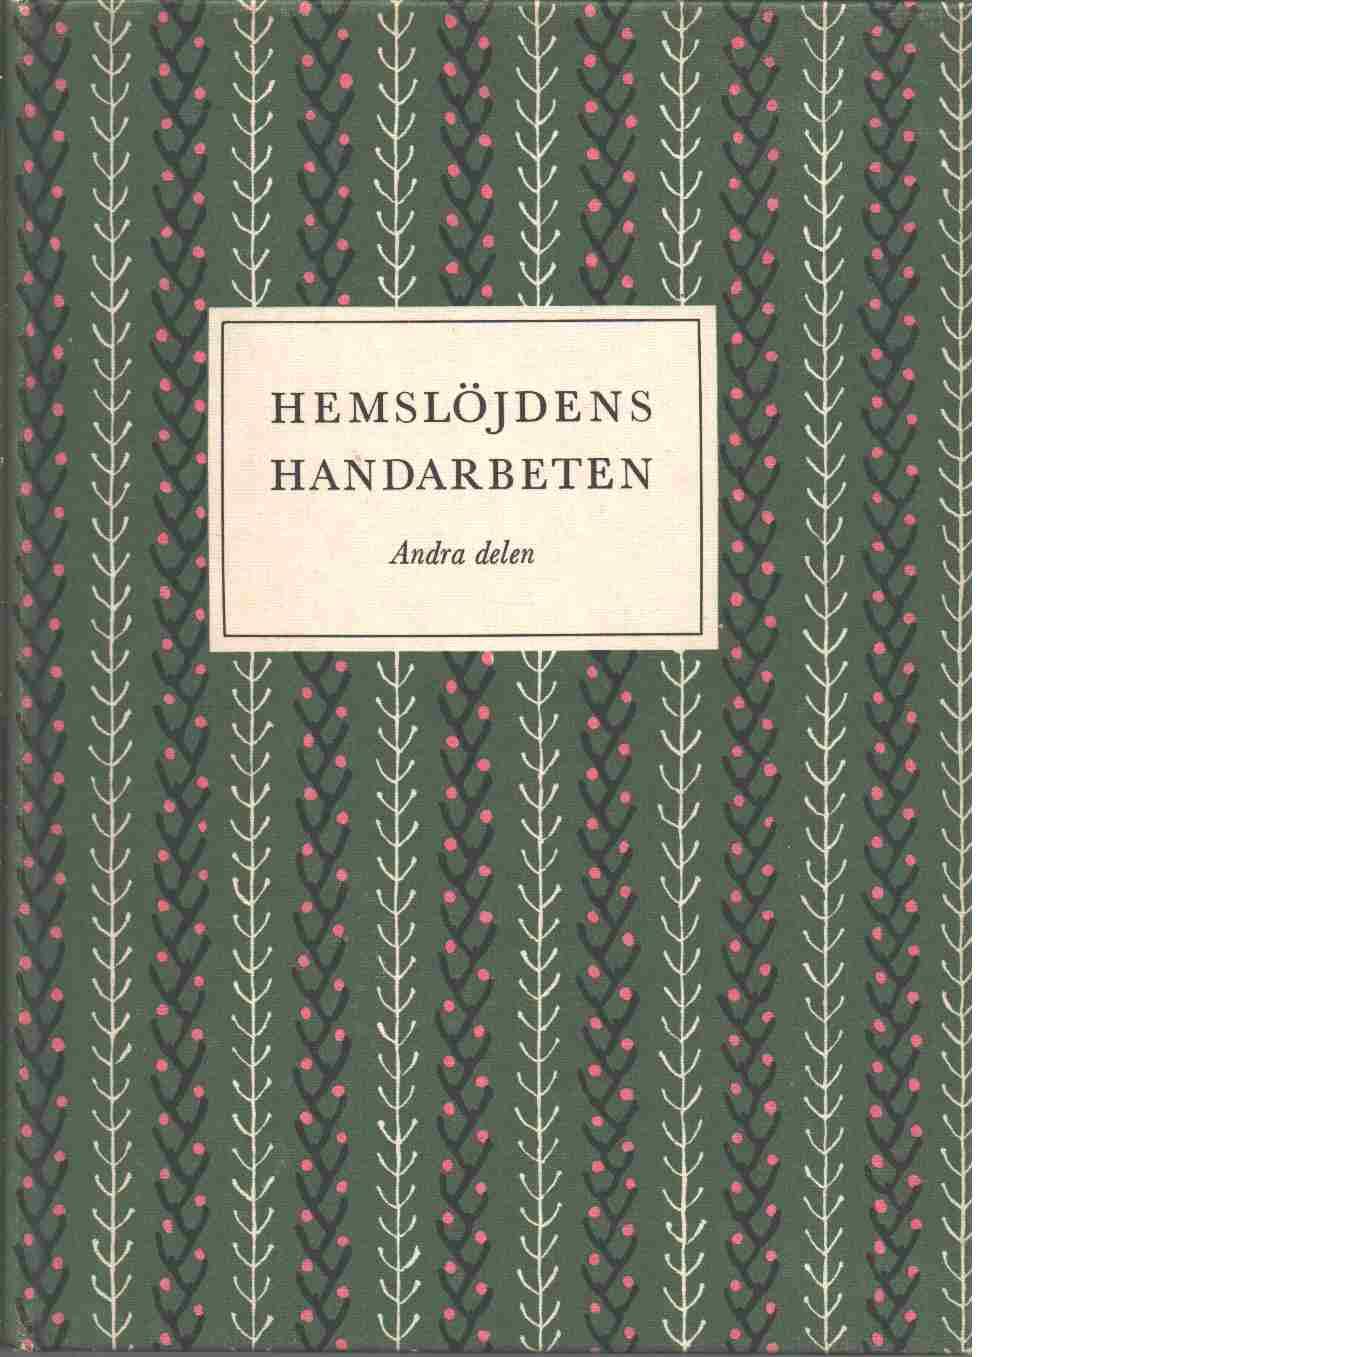 Hemslöjdens handarbeten. D. 2 - Lundbäck, Maja och Ingers, Gertrud samt Hörlén, Mattis